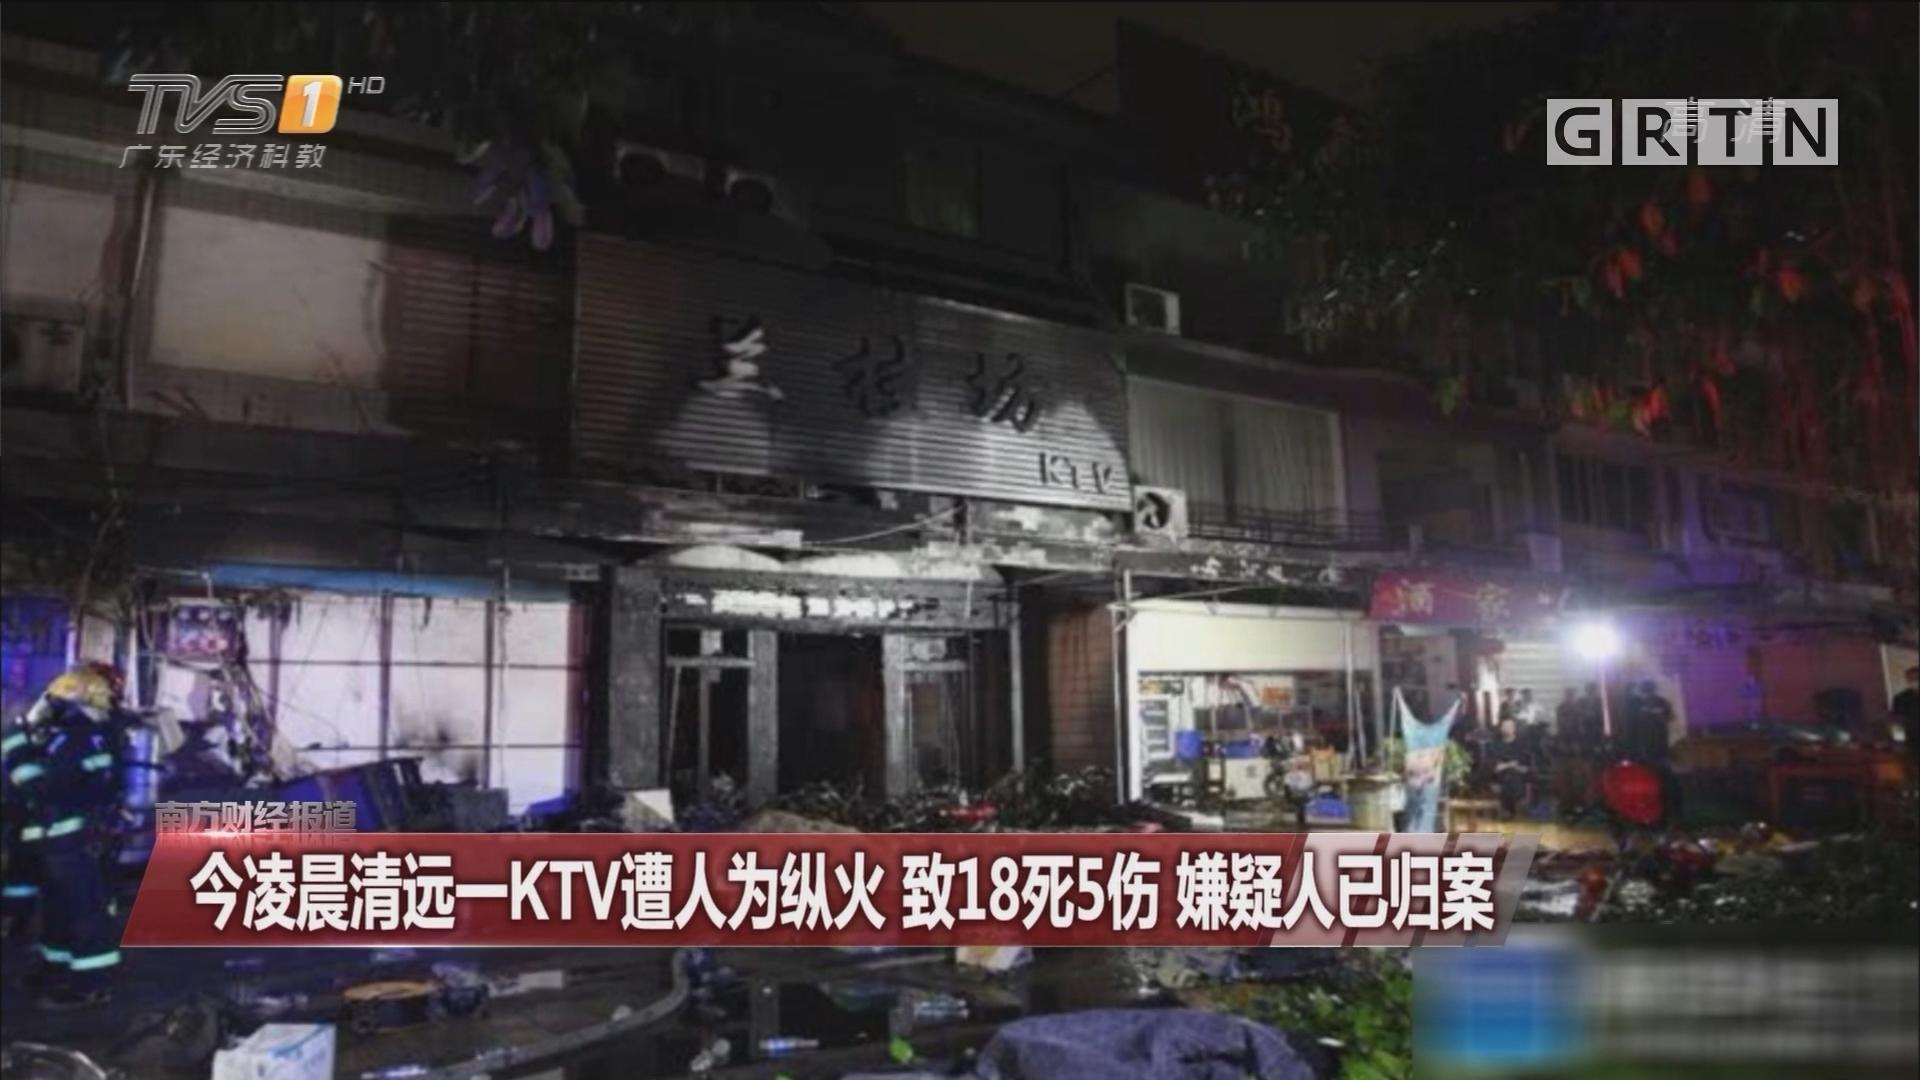 今凌晨清远一KTV遭人为纵火 致18死5伤 嫌疑人已归案